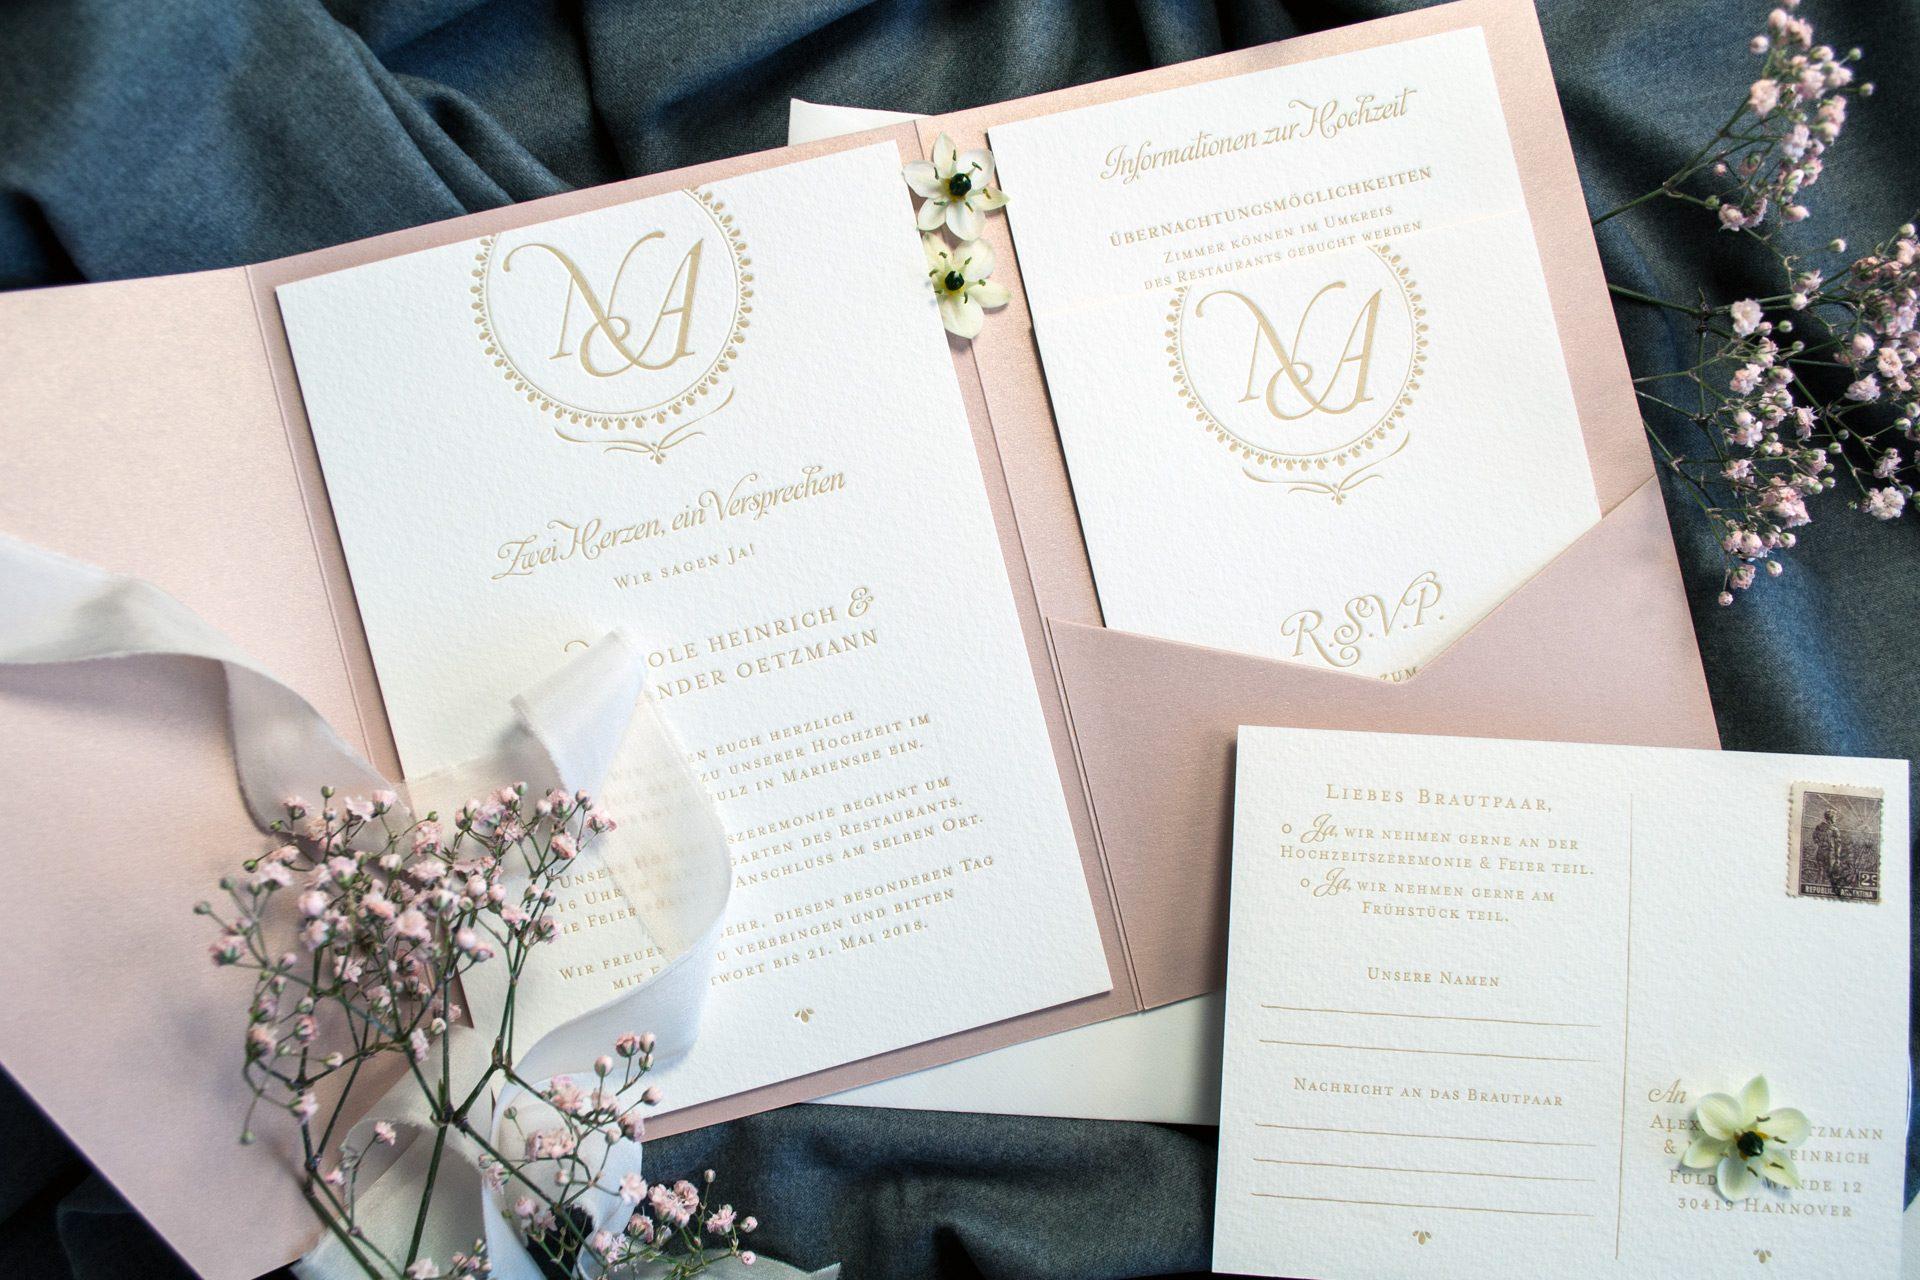 Pocketfold Einladung im Design Kensington im Letterpress mit Monogramm RSVP im Letterpress gedruckt.